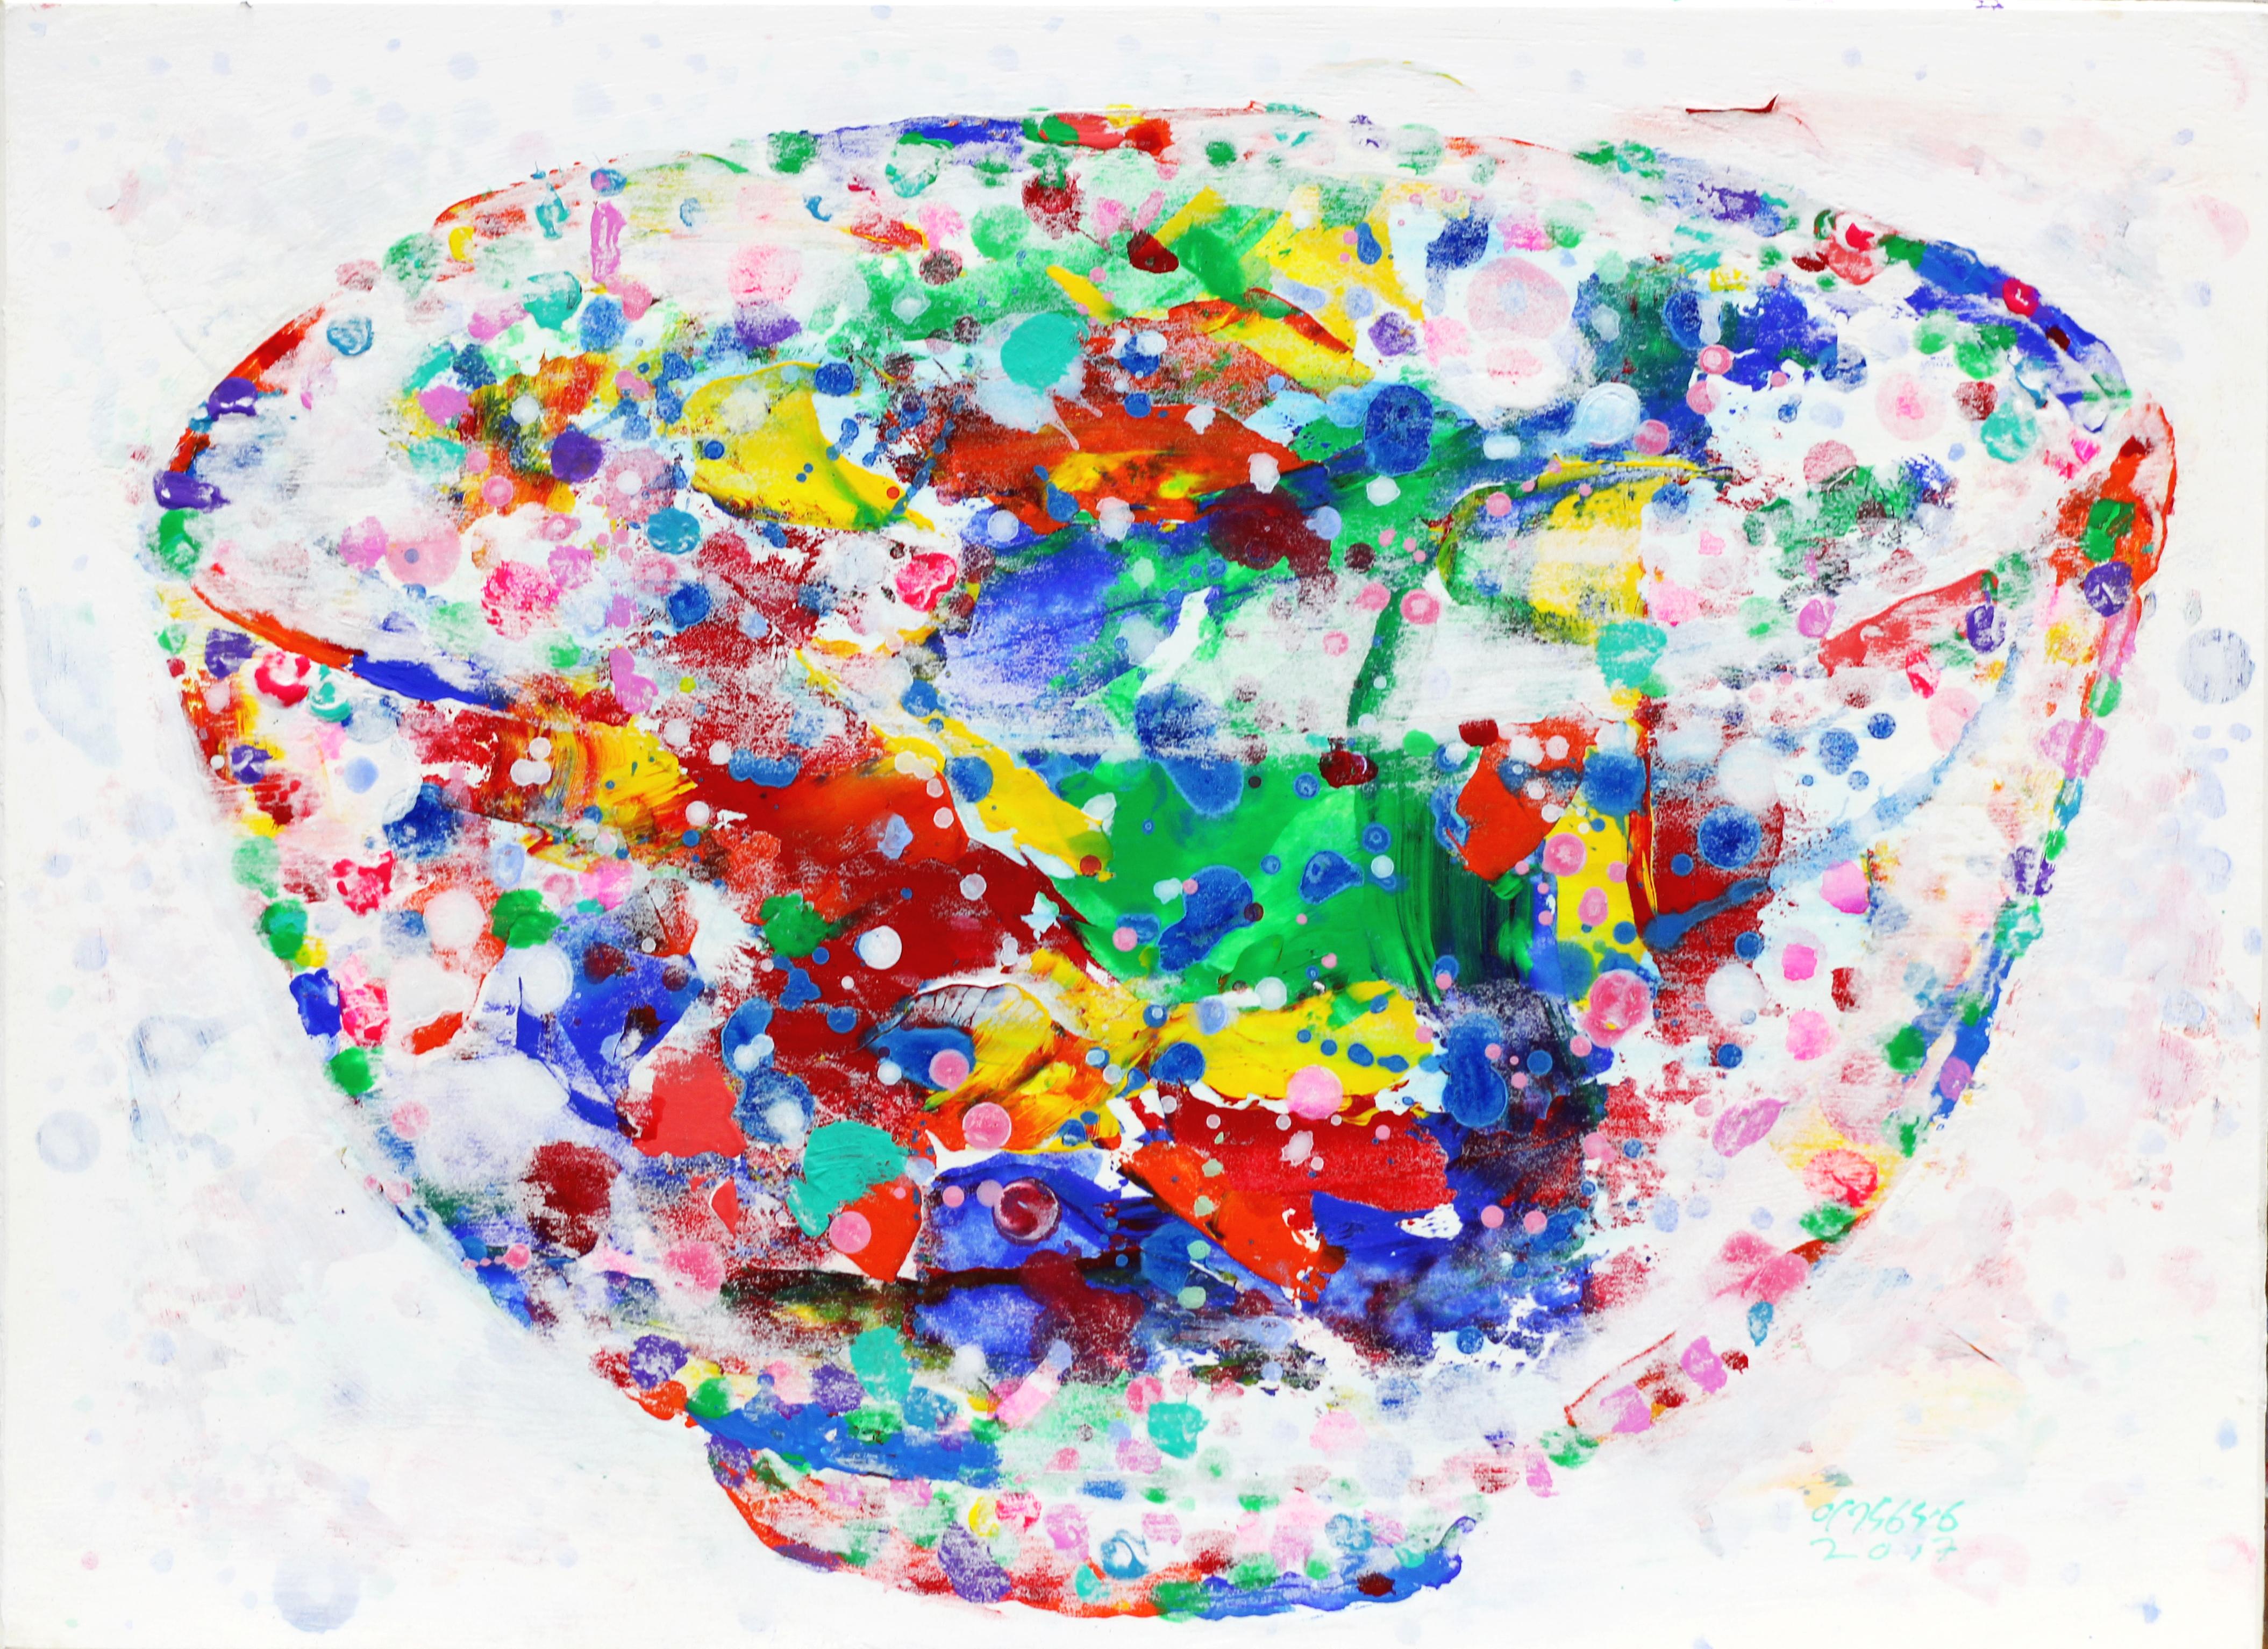 그릇, 33 x 24 cm, 보드 위에 혼합재료, 2017